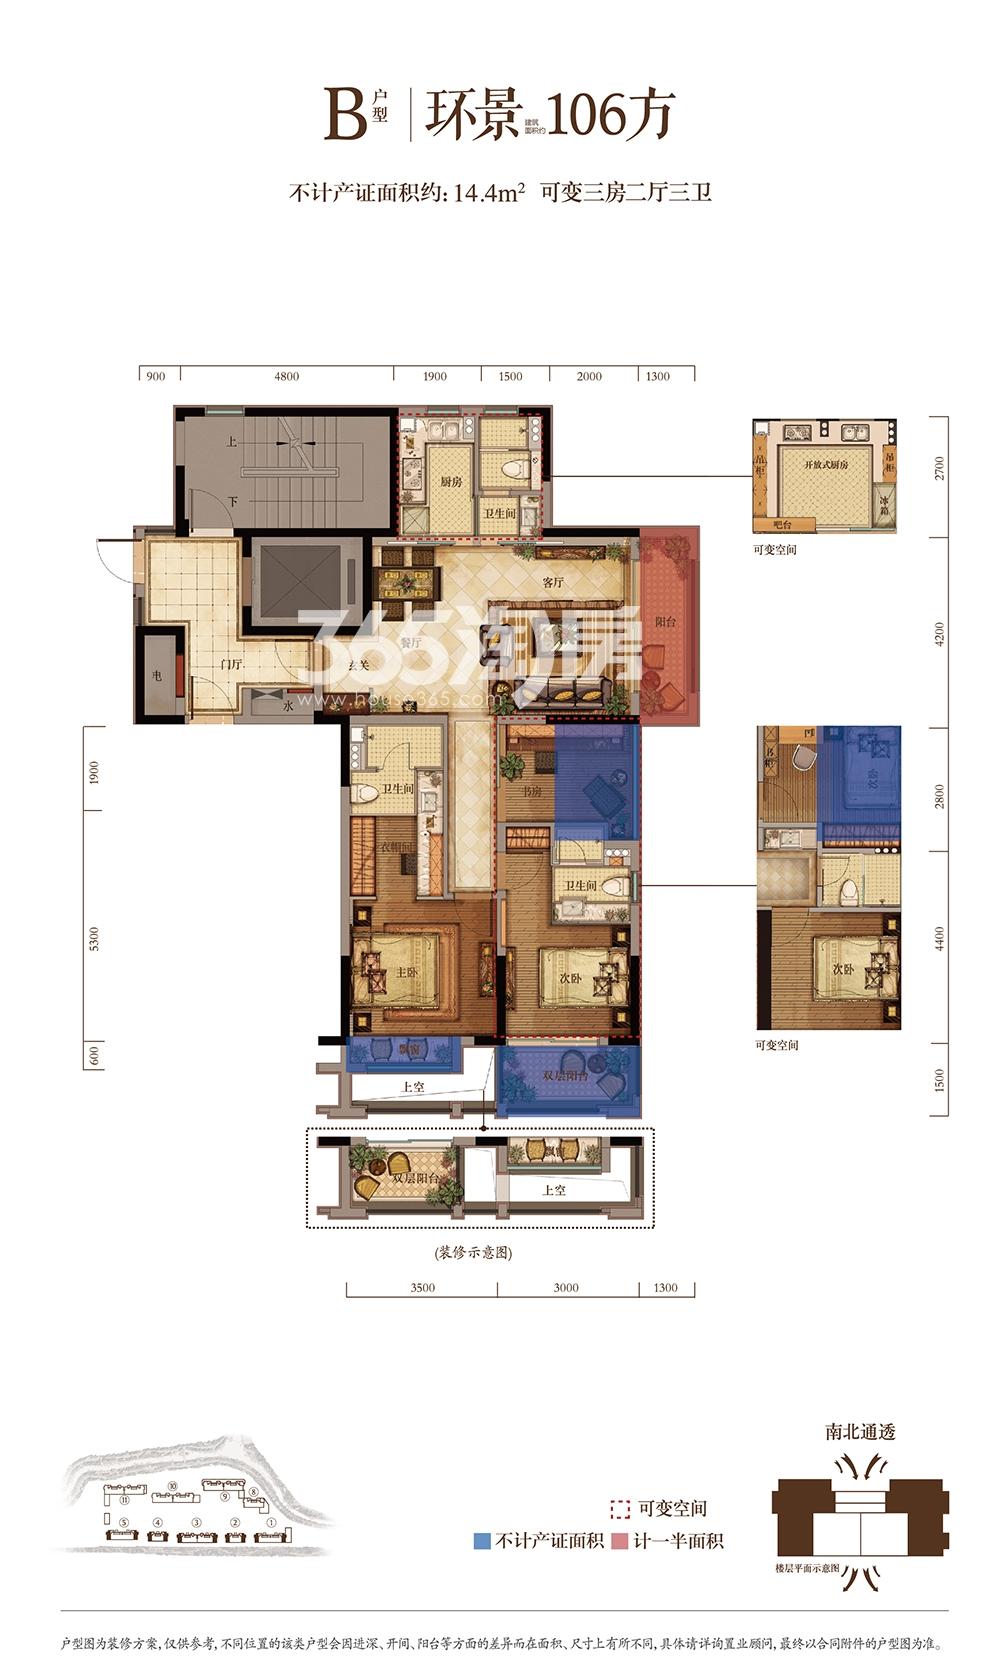 宝嘉誉府1—5号楼B户型106方户型图